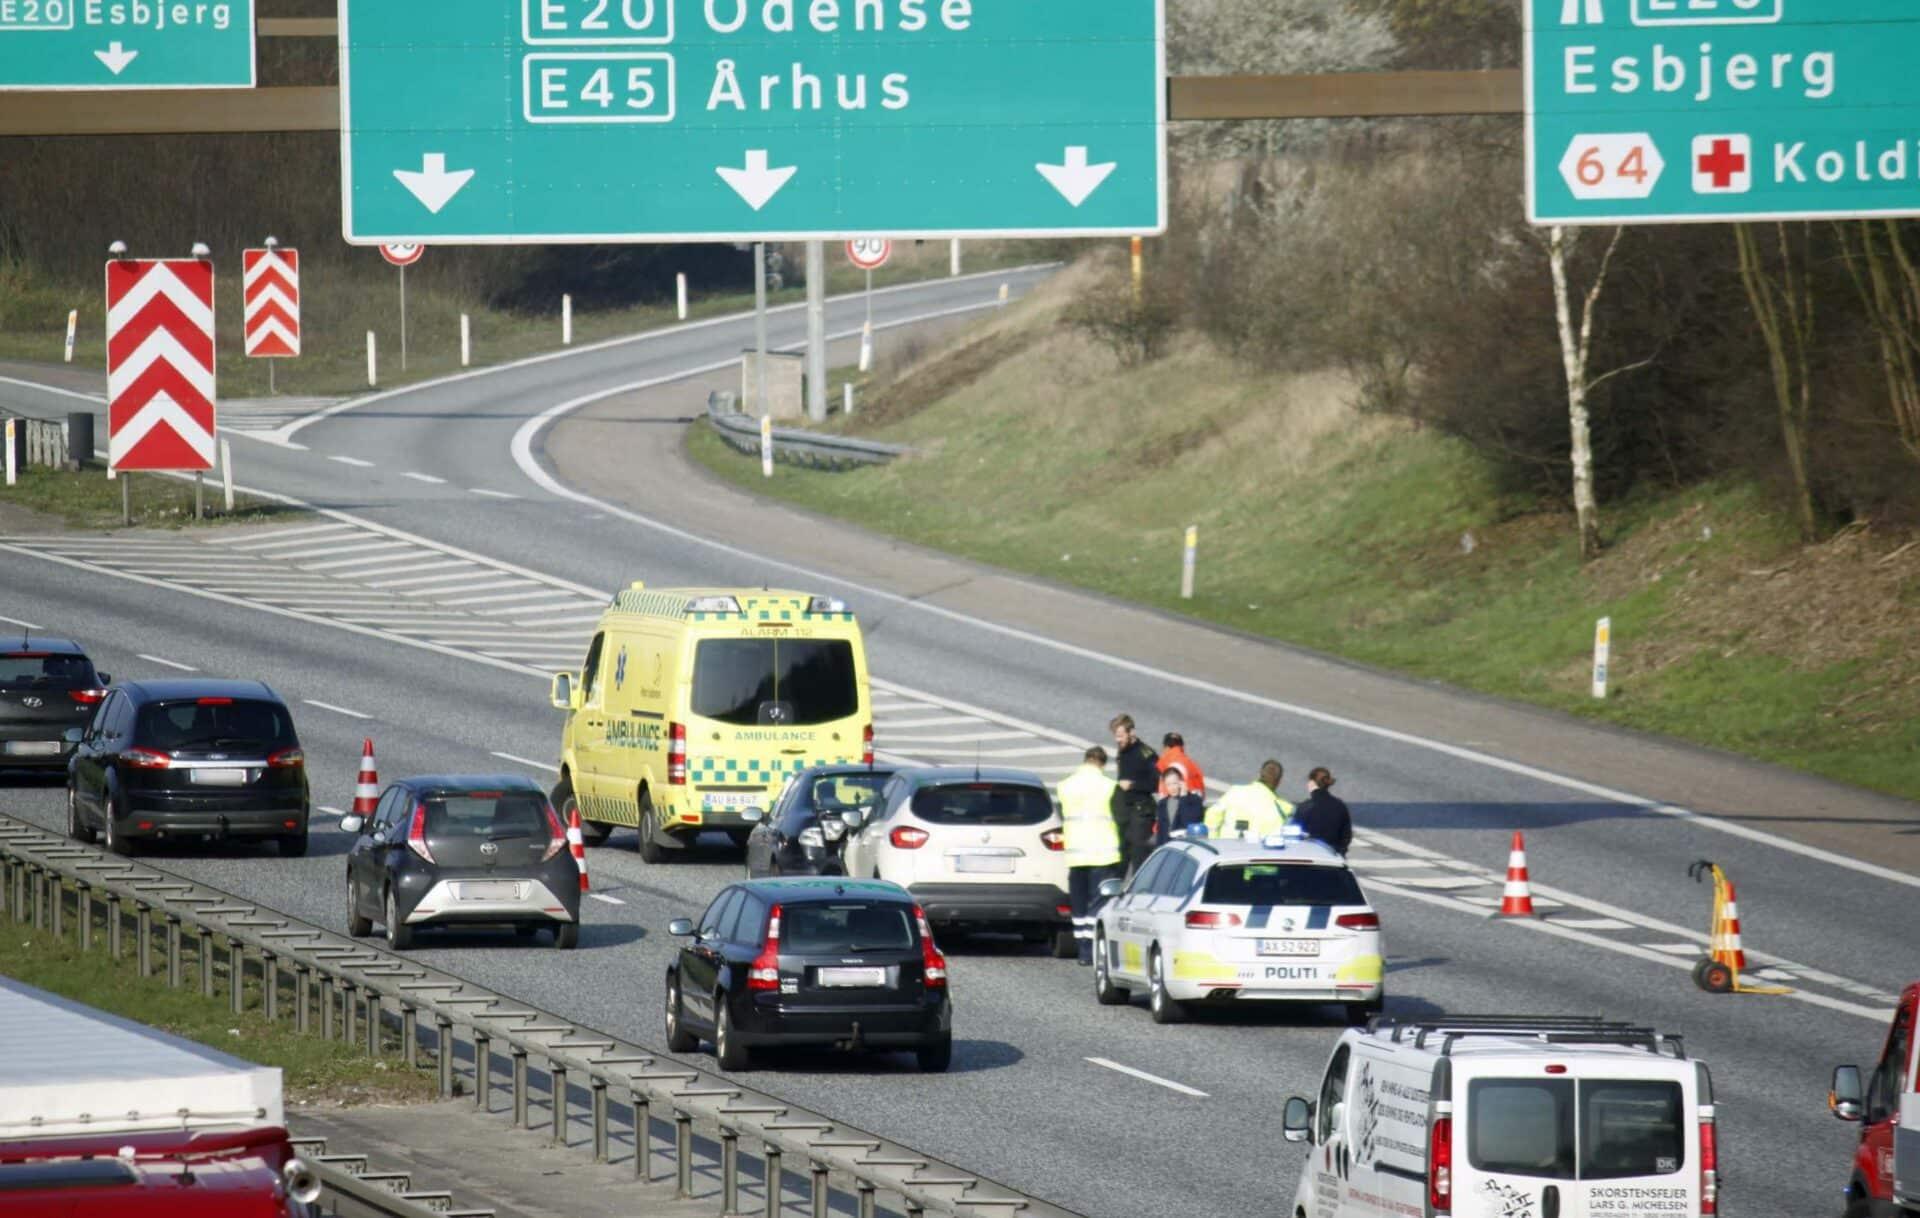 290319 Uheld E45 Kolding V 02 foto Elo Christoffersen